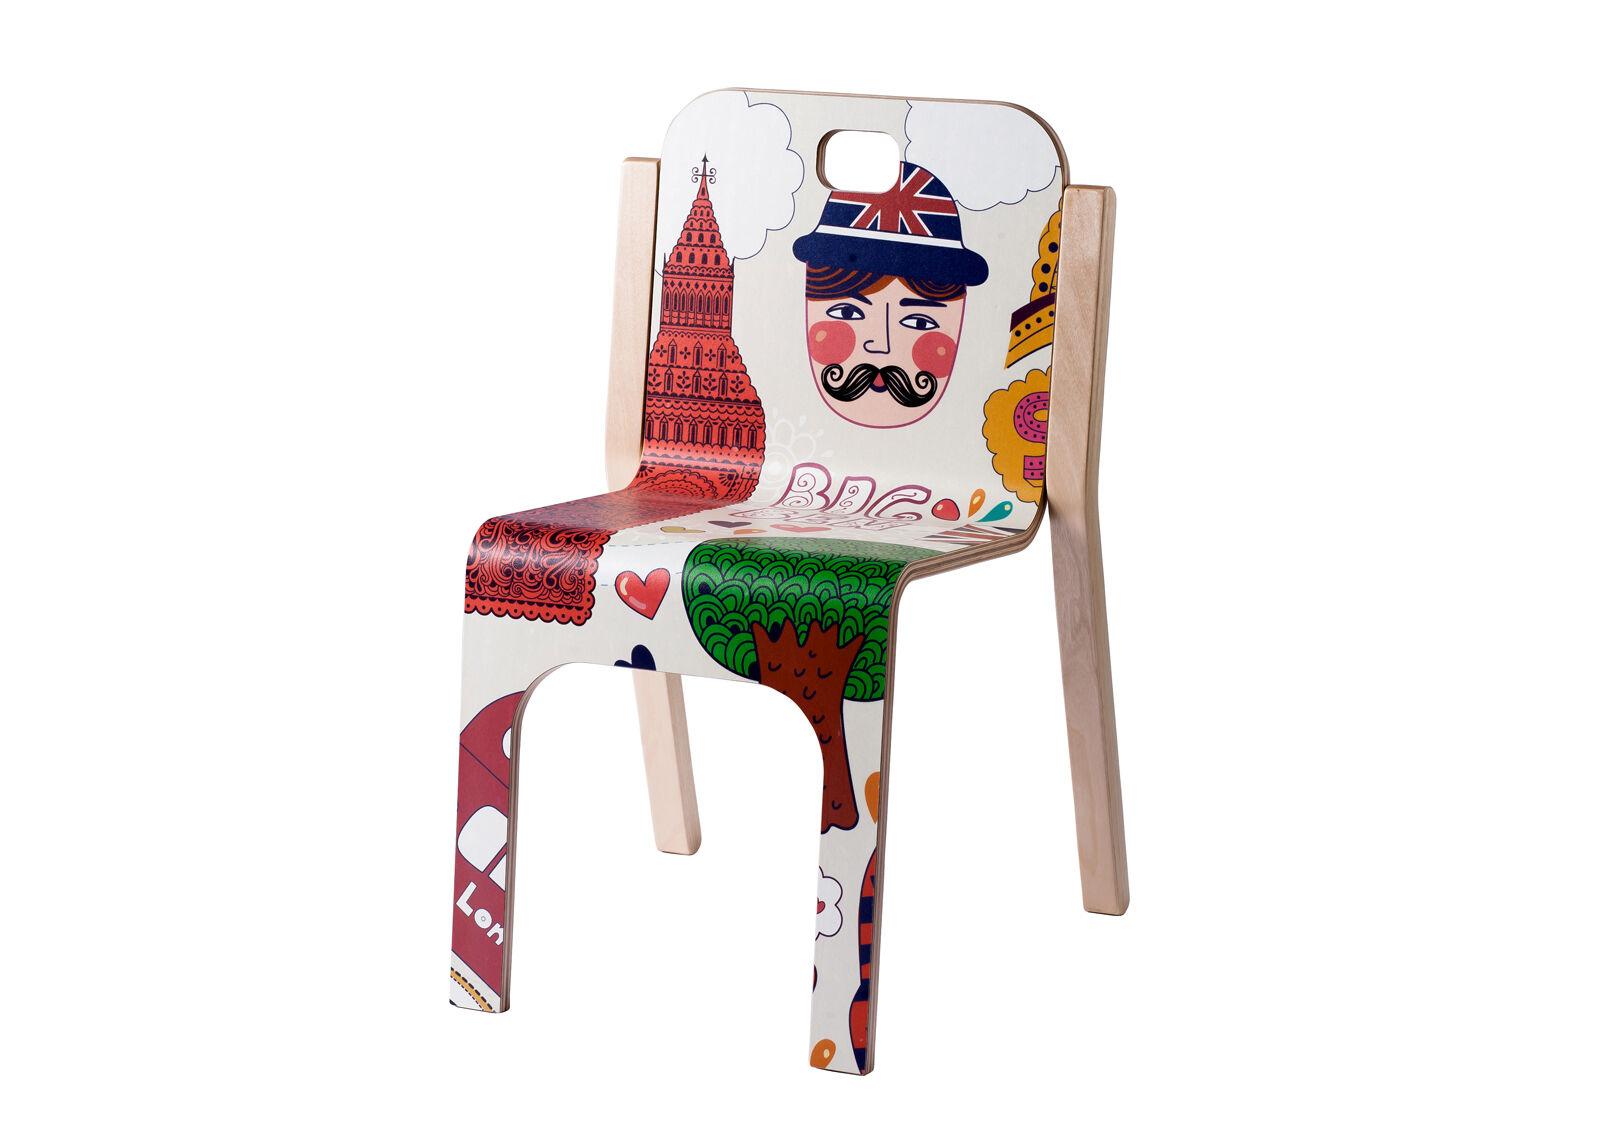 TARMEKO KIDS Lasten tuoli TOMMY 2 LONDON h 57/31 cm